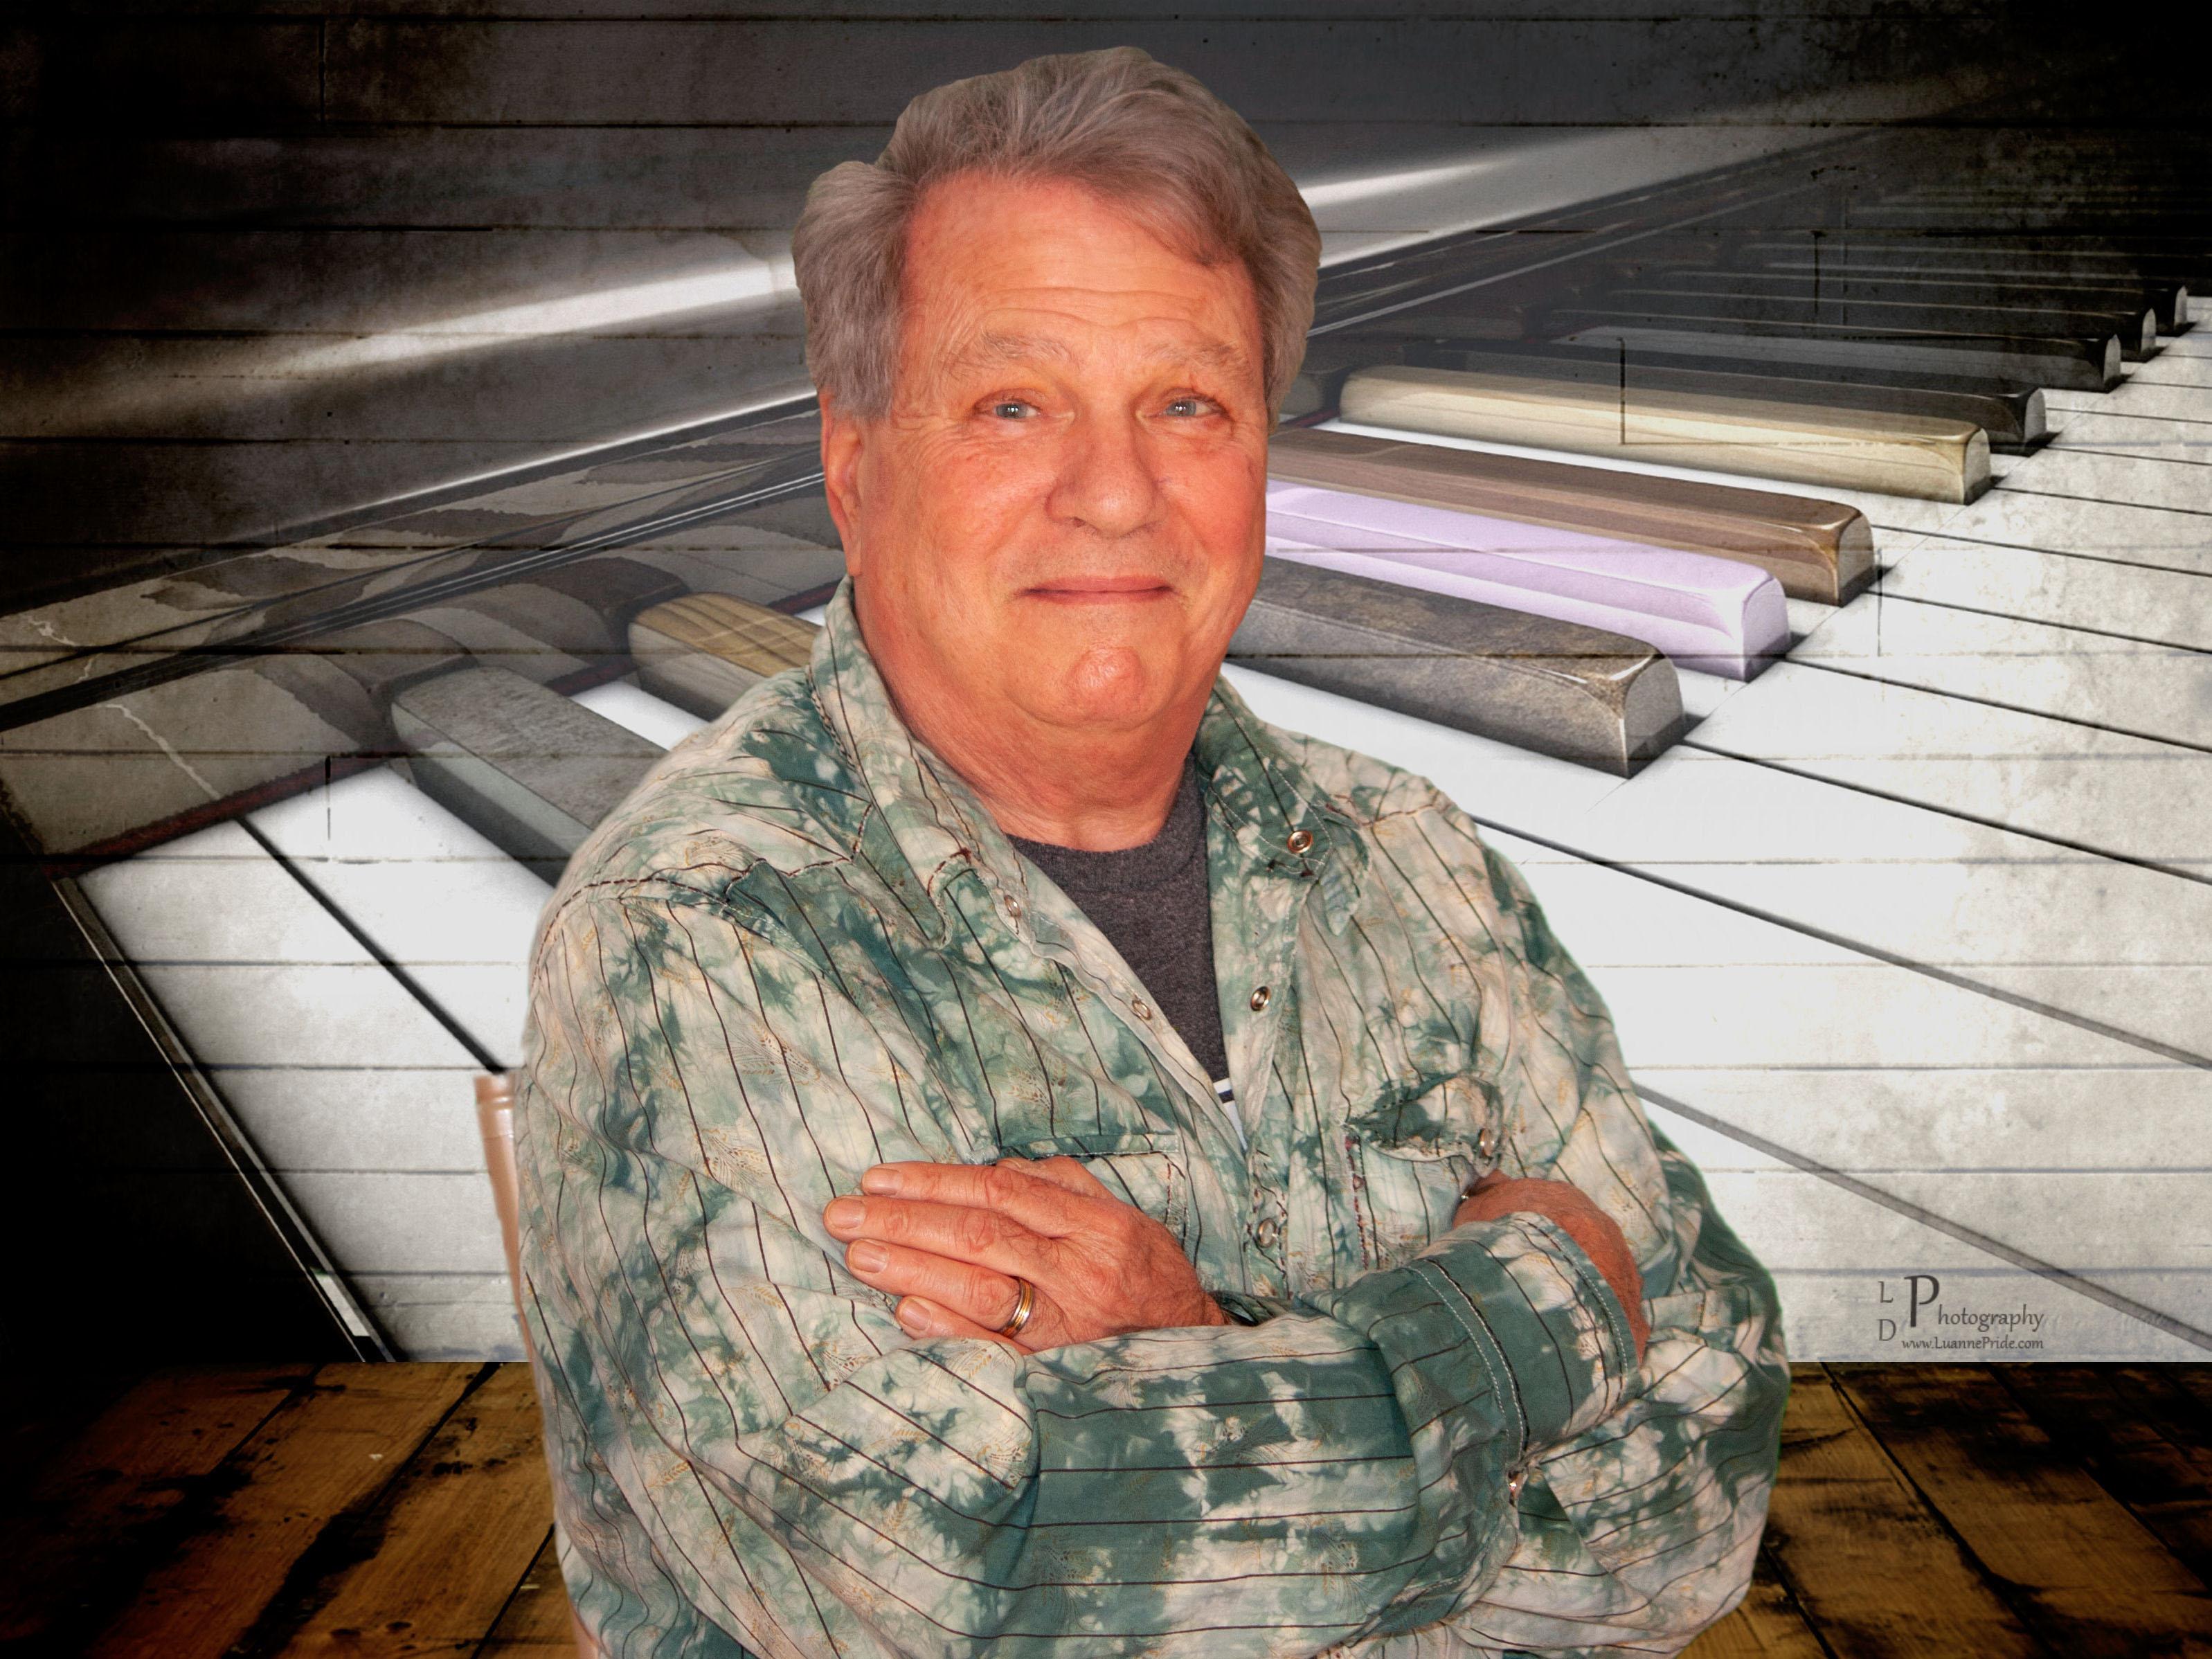 Dave Piano